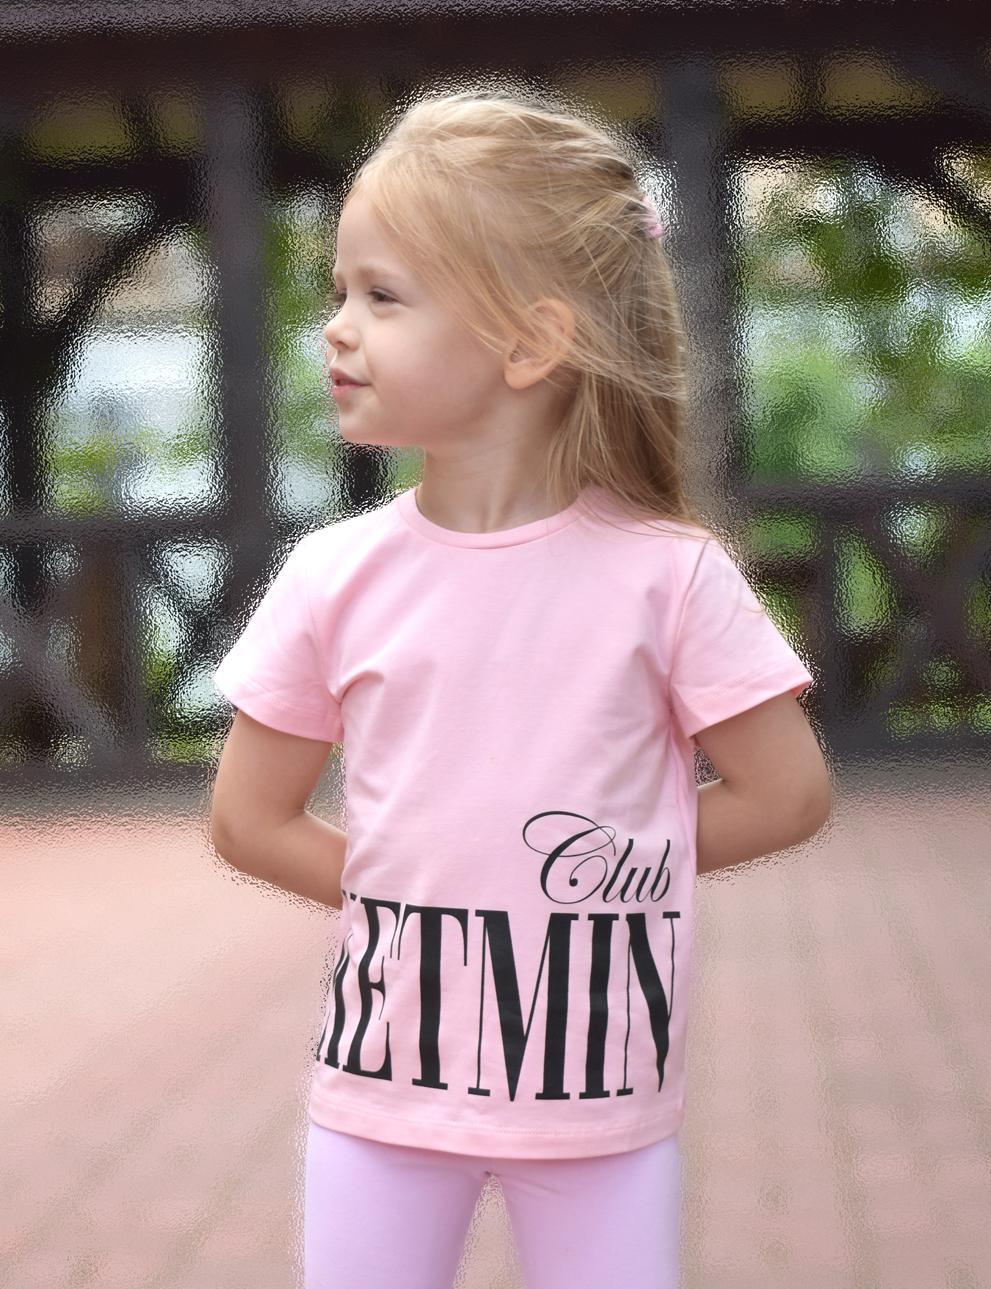 Детская футболка для девочки KETMIN CLUB цв.Розовый